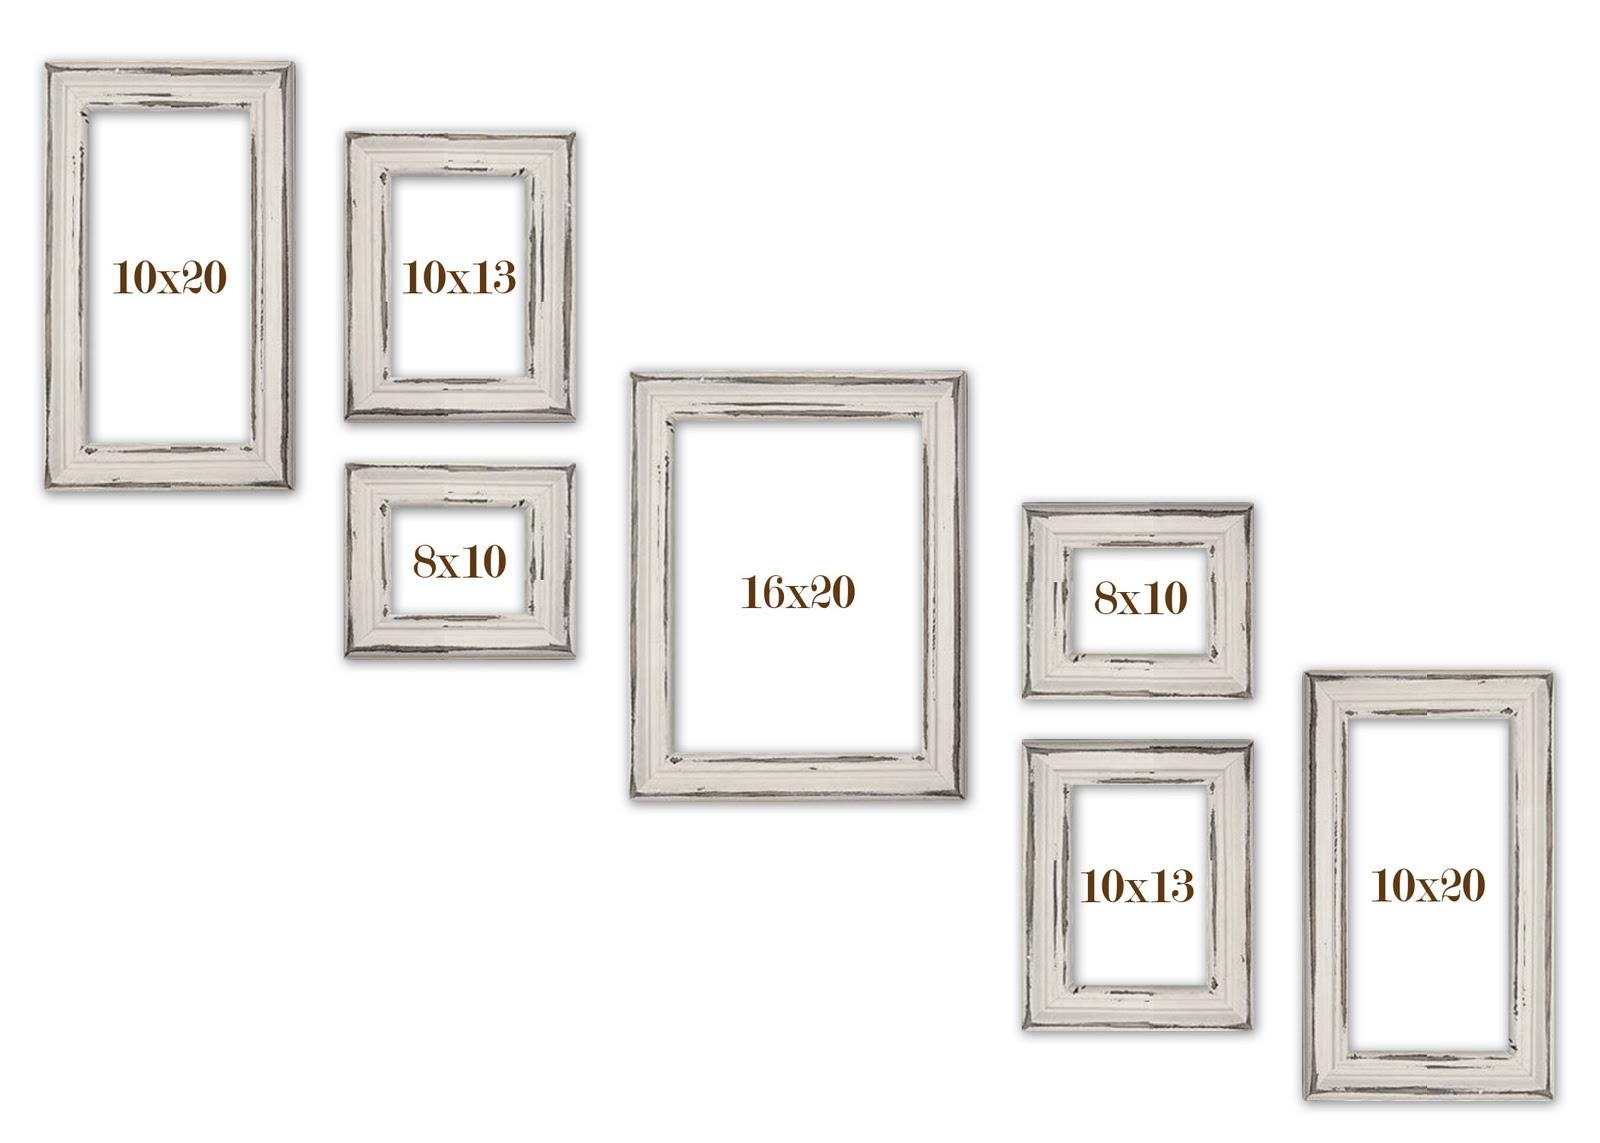 14x18 Frame Matted To 11x14.Alexandria Whitewash Photo Frame 8x8 ...